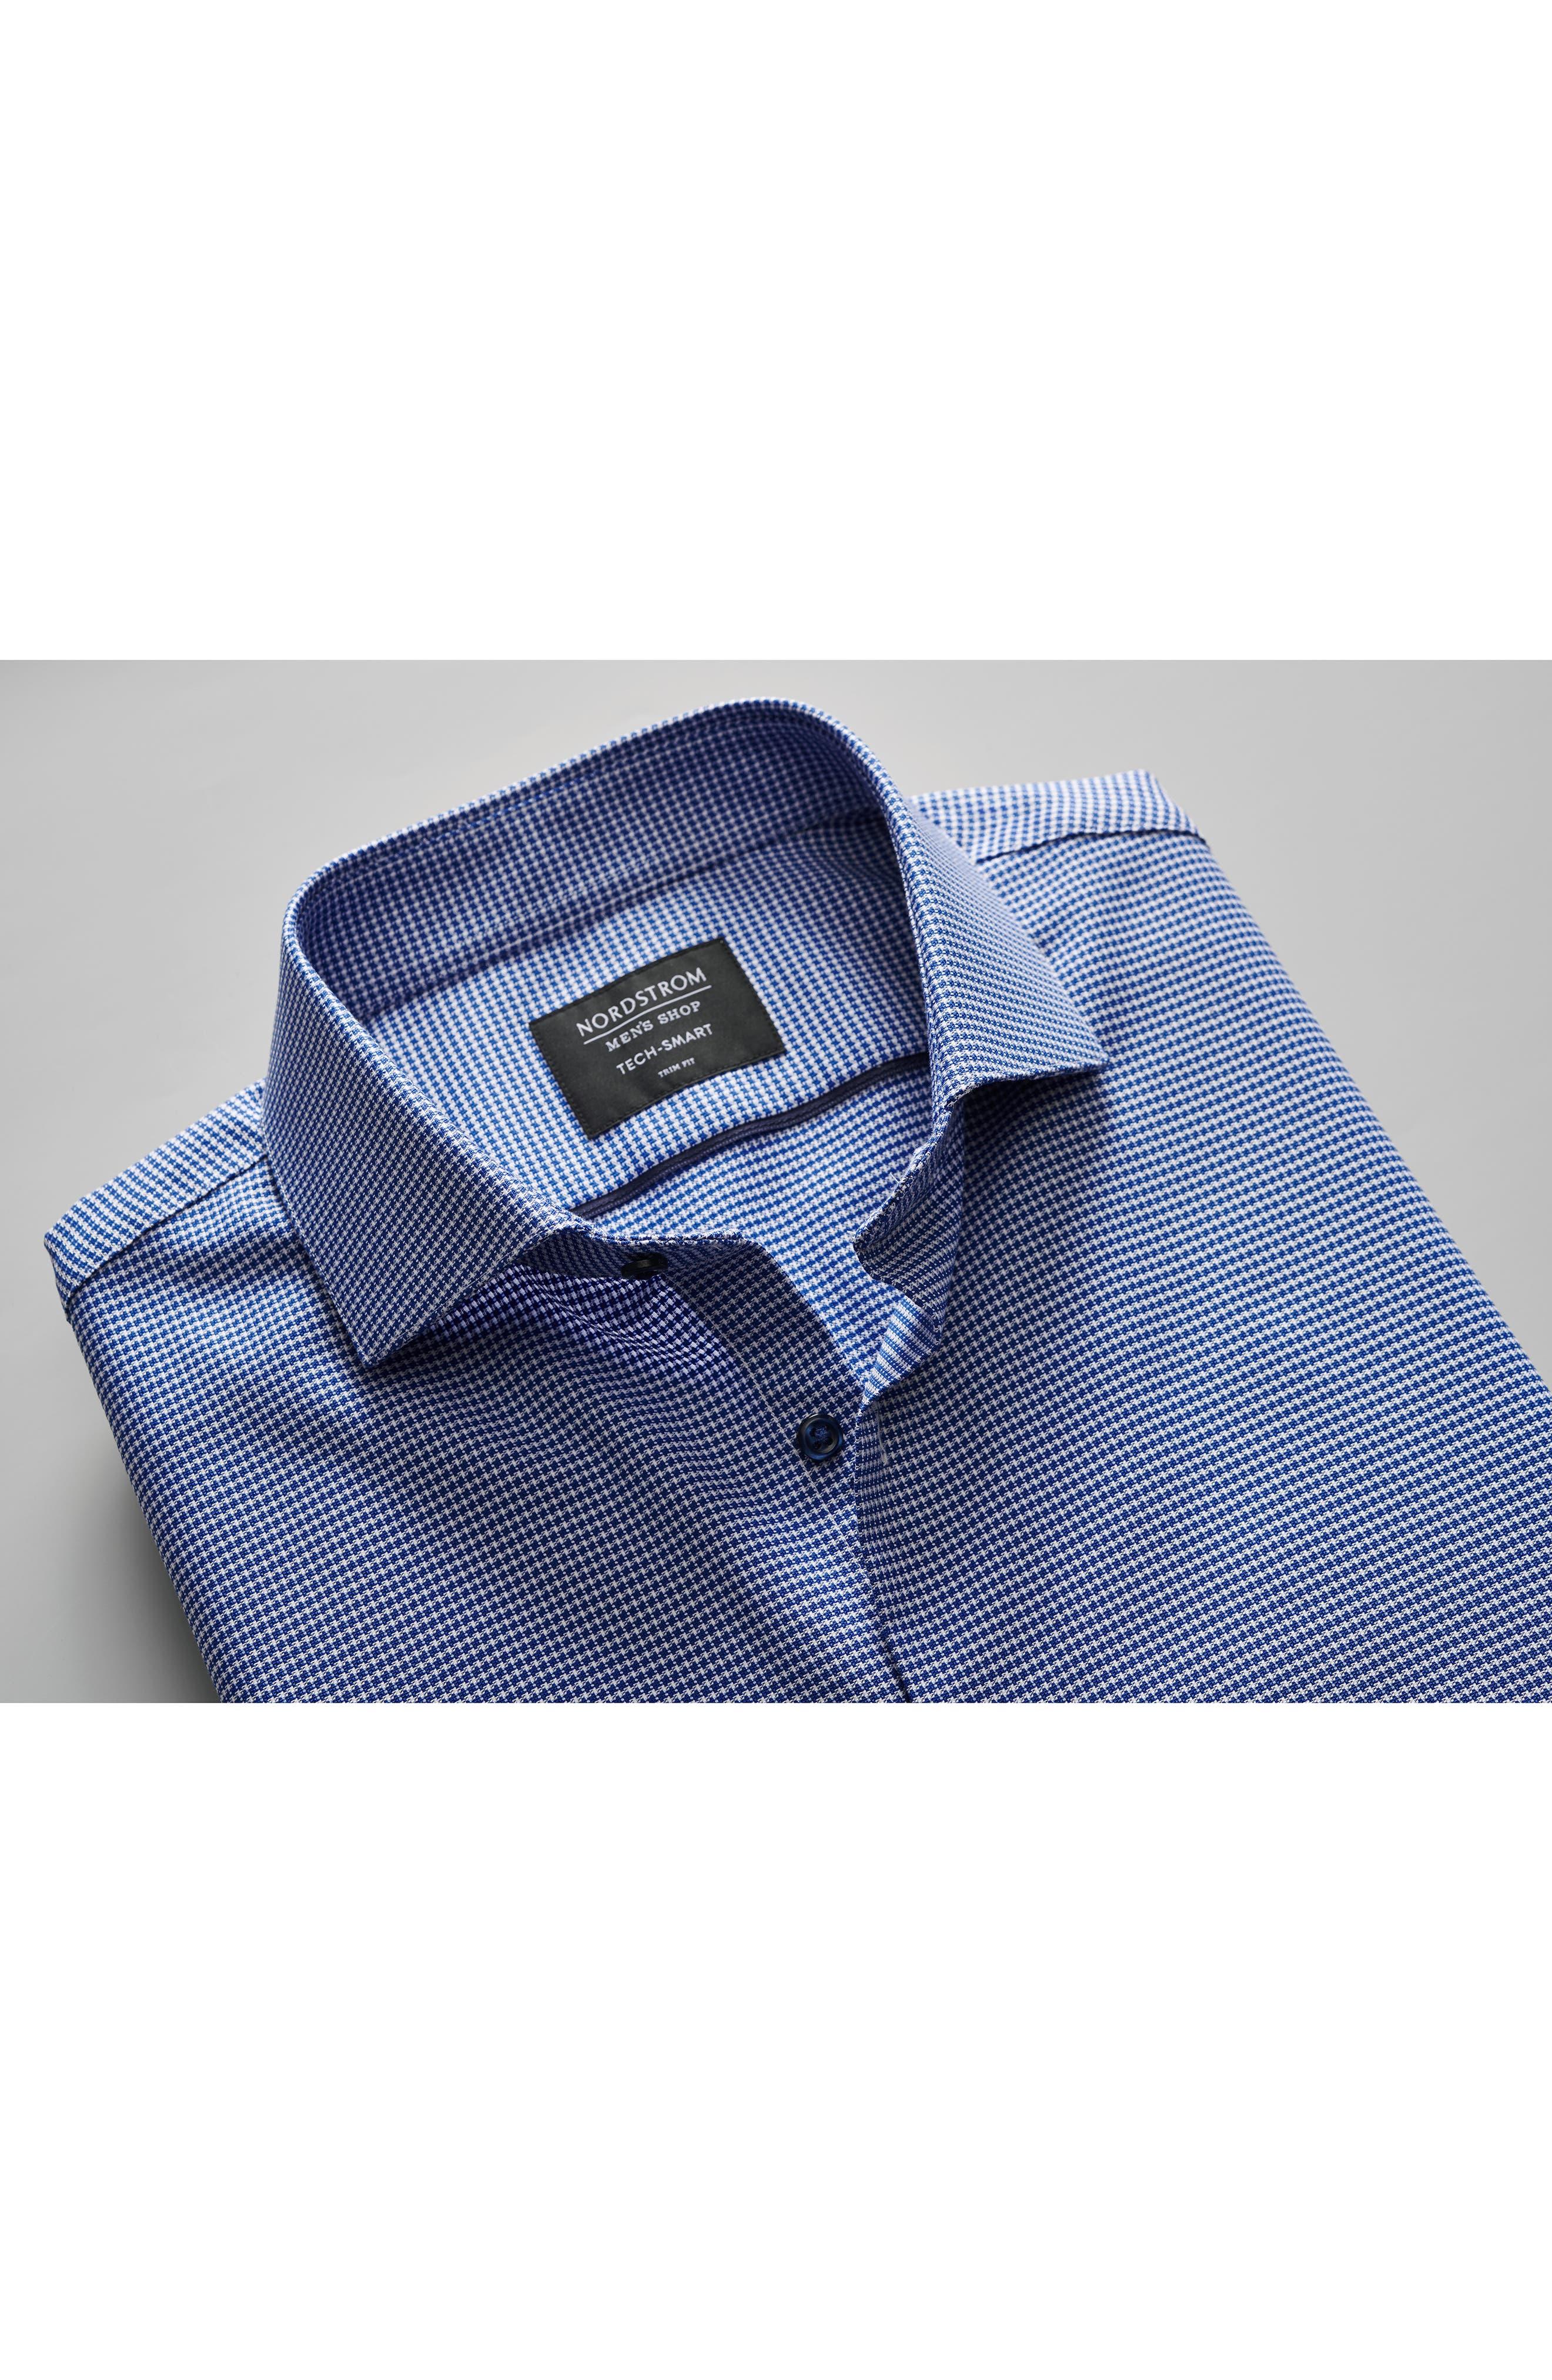 Tech-Smart Trim Fit Stretch Texture Dress Shirt,                             Alternate thumbnail 11, color,                             WHITE